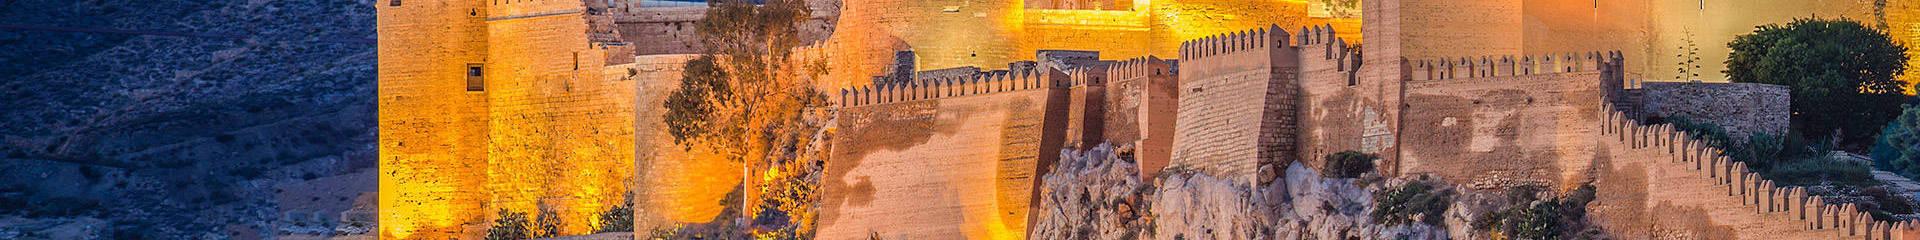 The Alcazaba Fortress, Almería